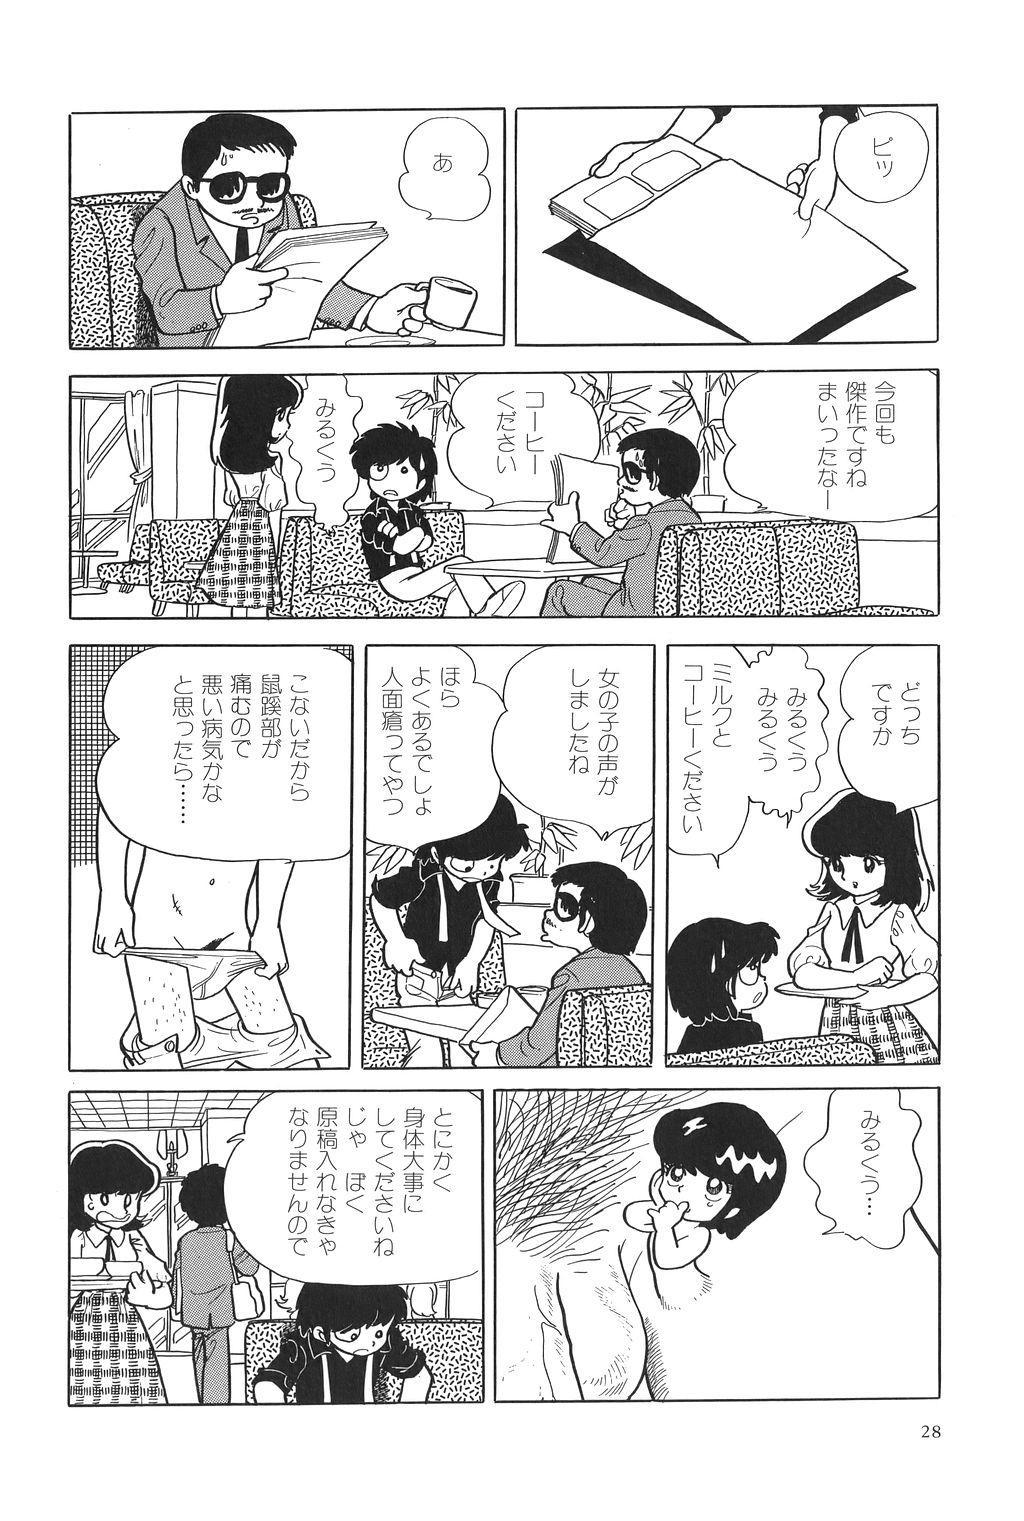 Azuma Hideo Sakuhin Shuusei - Yoru no Tobari no Naka de 32